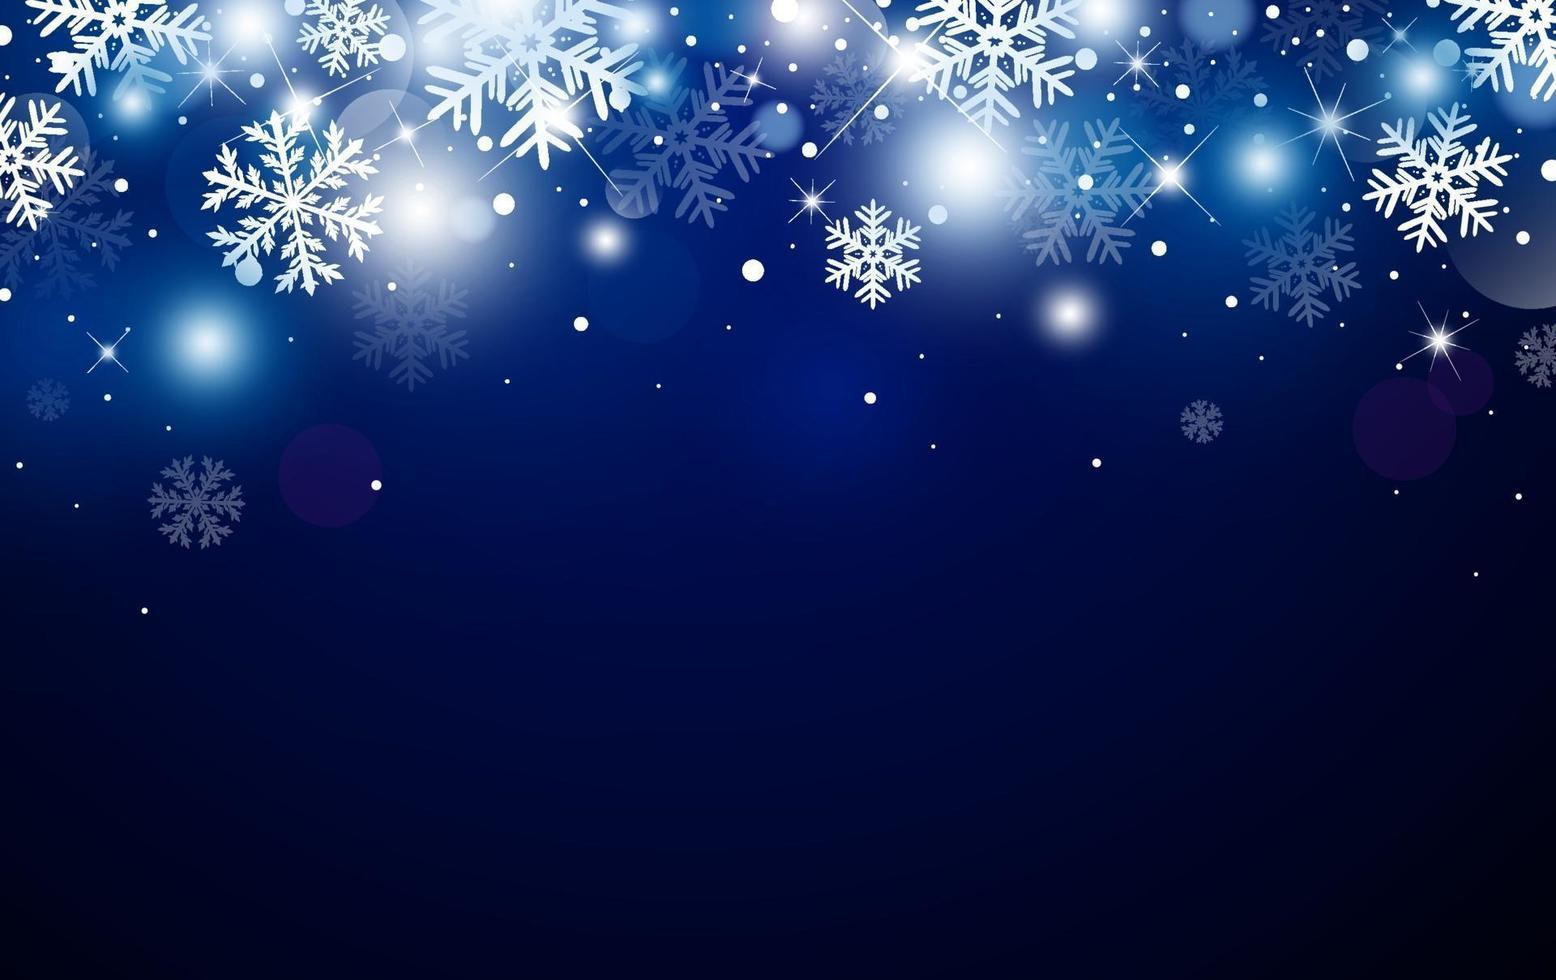 conception de fond de Noël de flocon de neige et bokeh avec illustration vectorielle effet de lumière vecteur